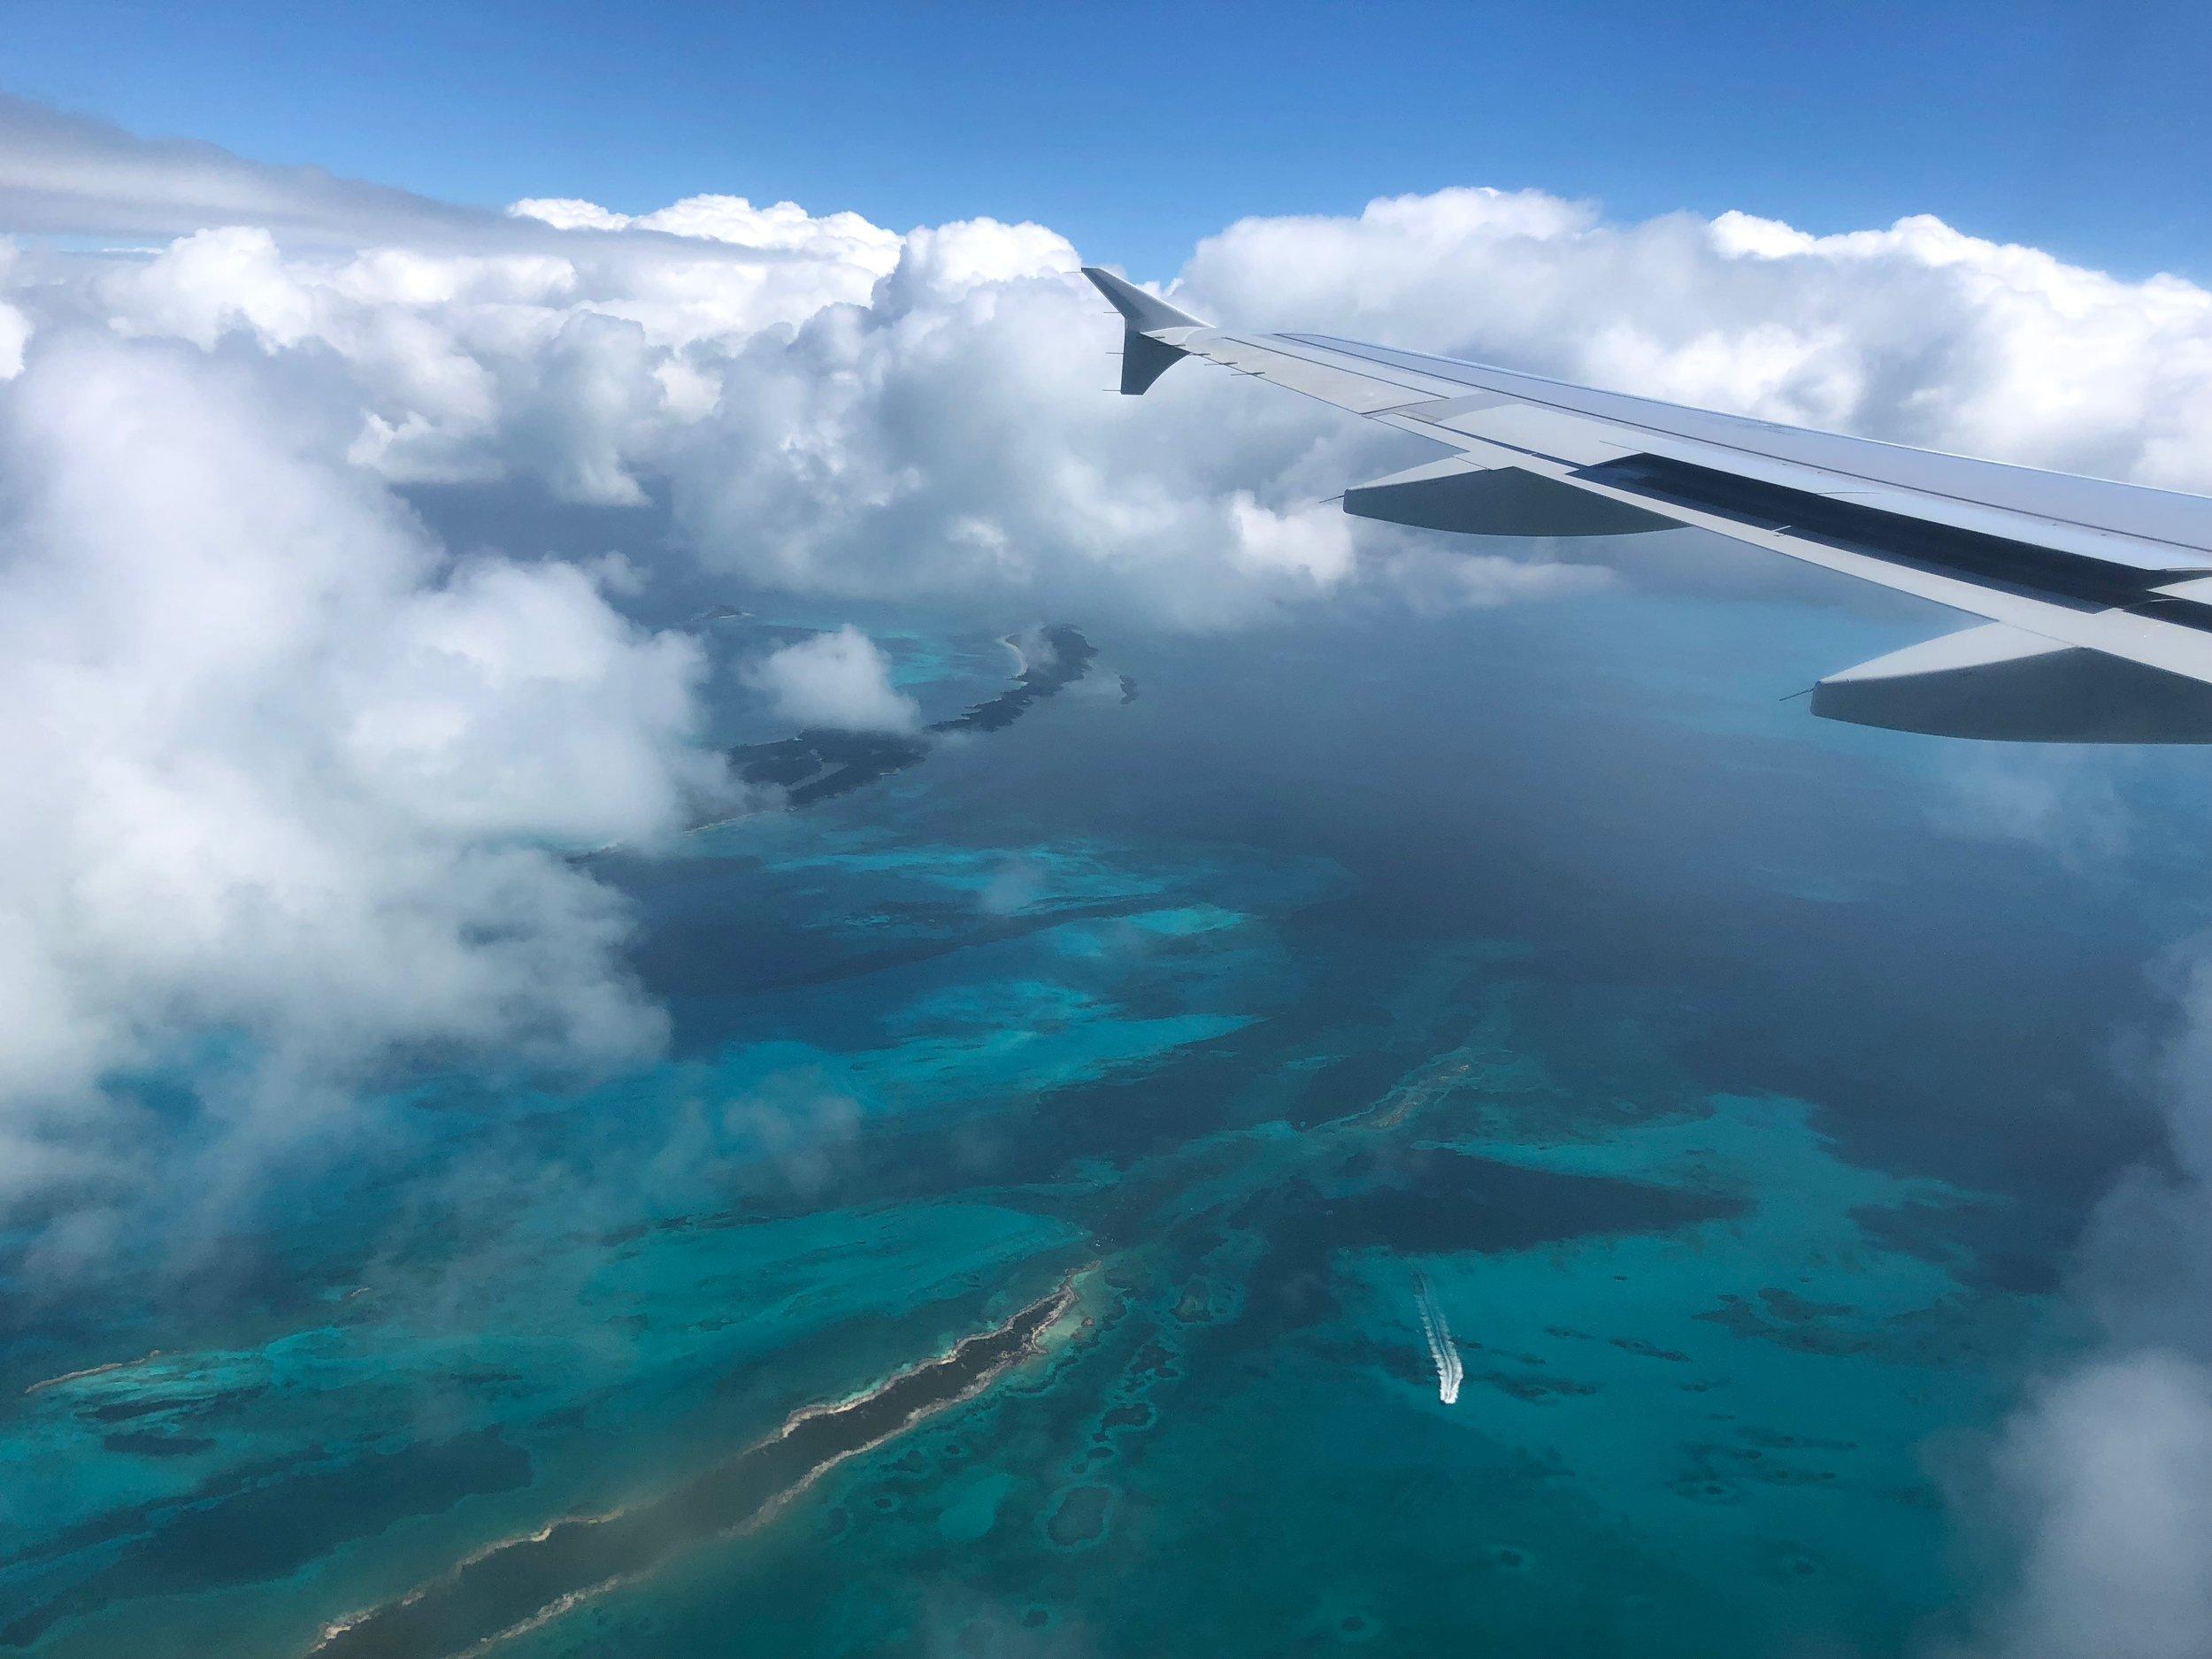 Caribbean Blues (Bahamas, 2018  ©  JOEL ANG PHOTOGRAPHY)